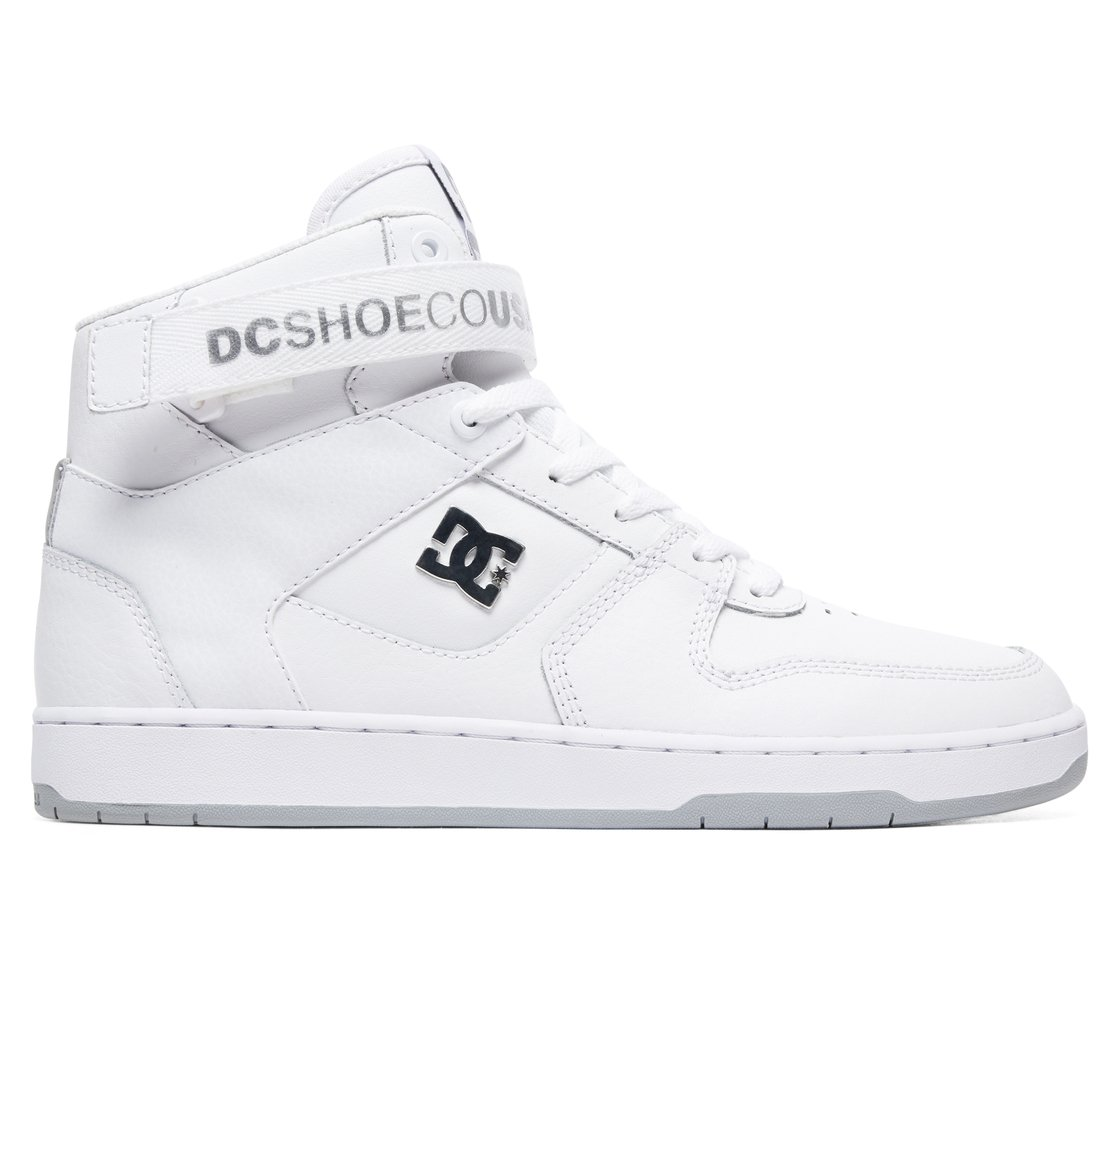 Pensford S - Chaussures de skate - Noir - DC Shoes